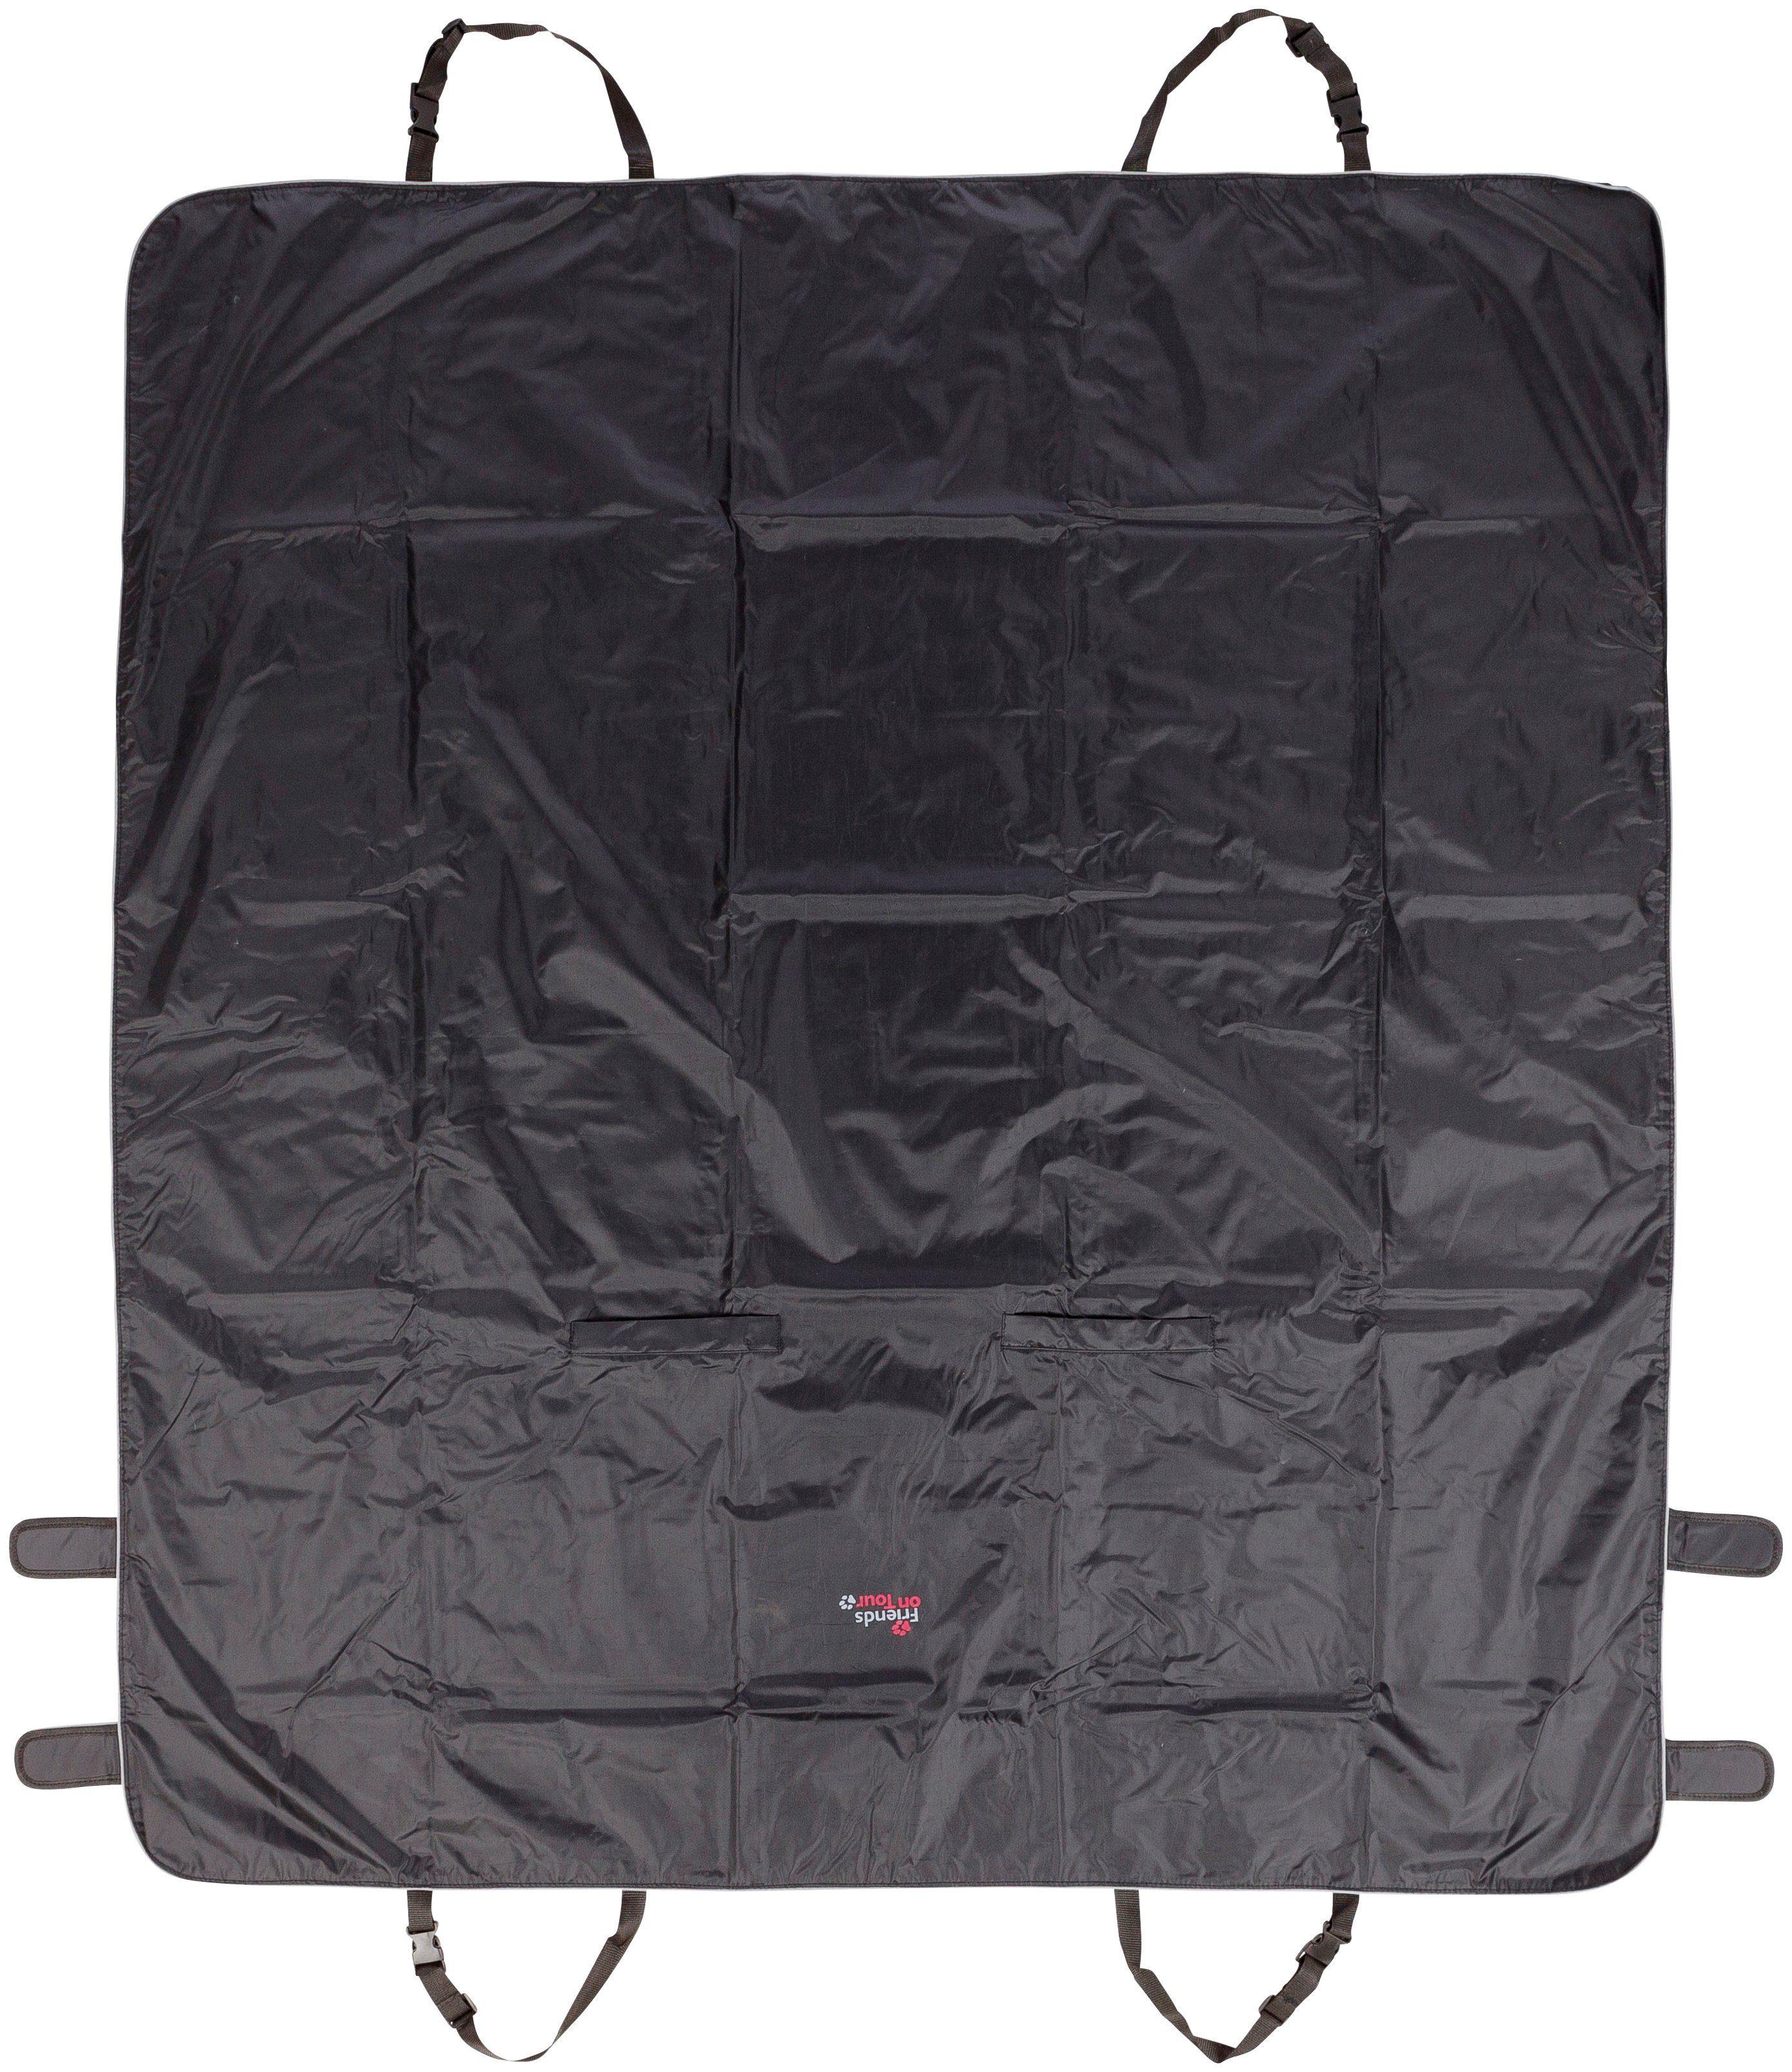 TRIXIE Hunde-Decke , BxT: 145x160 cm, schwarz